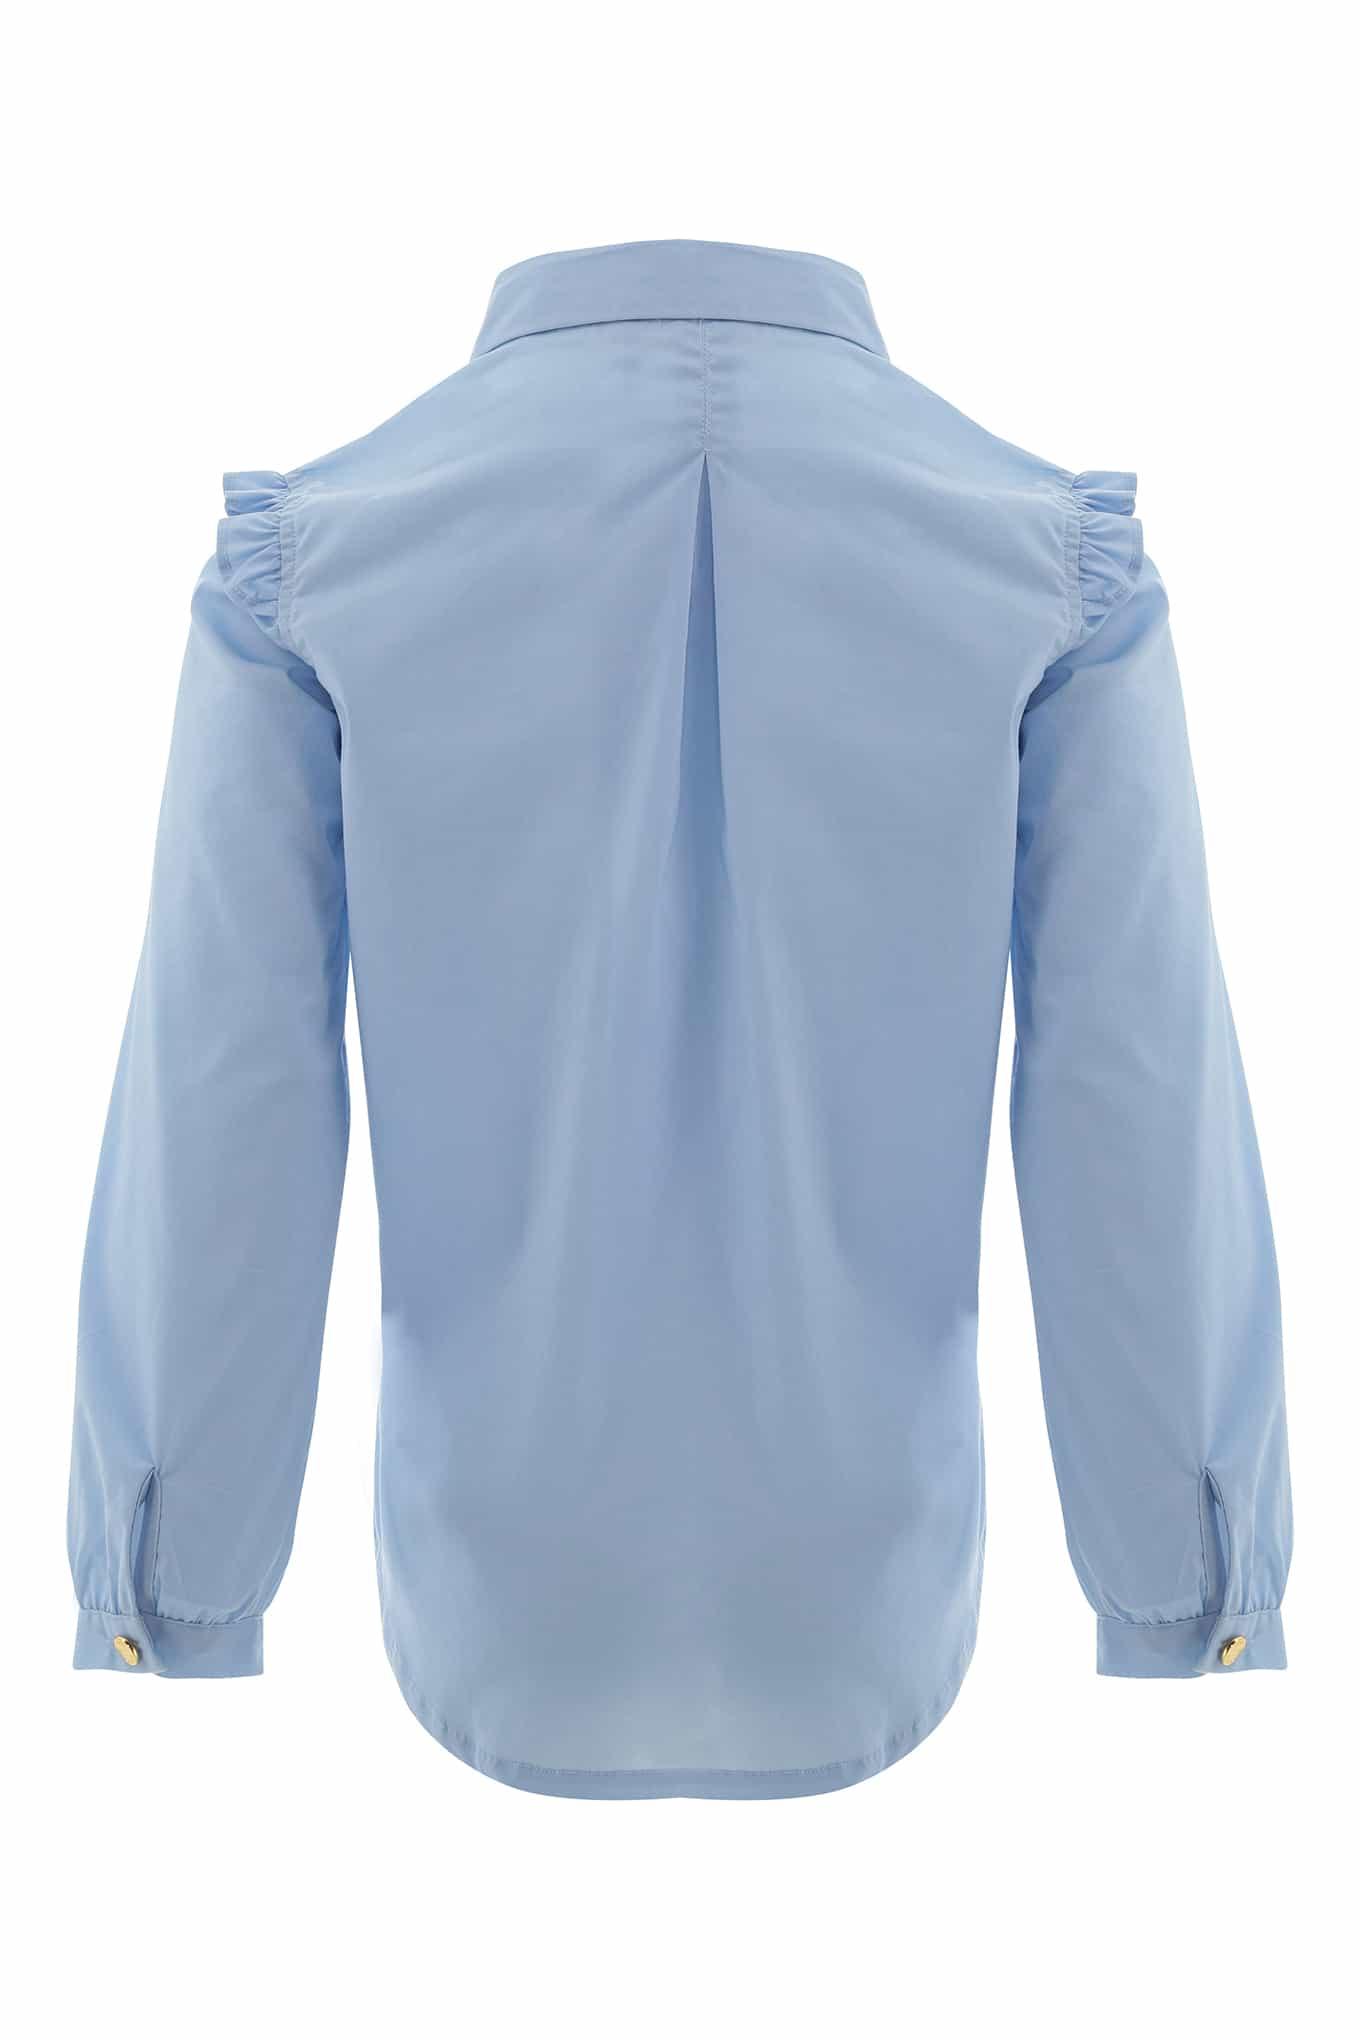 Camisa Azul Claro Casual Rapariga